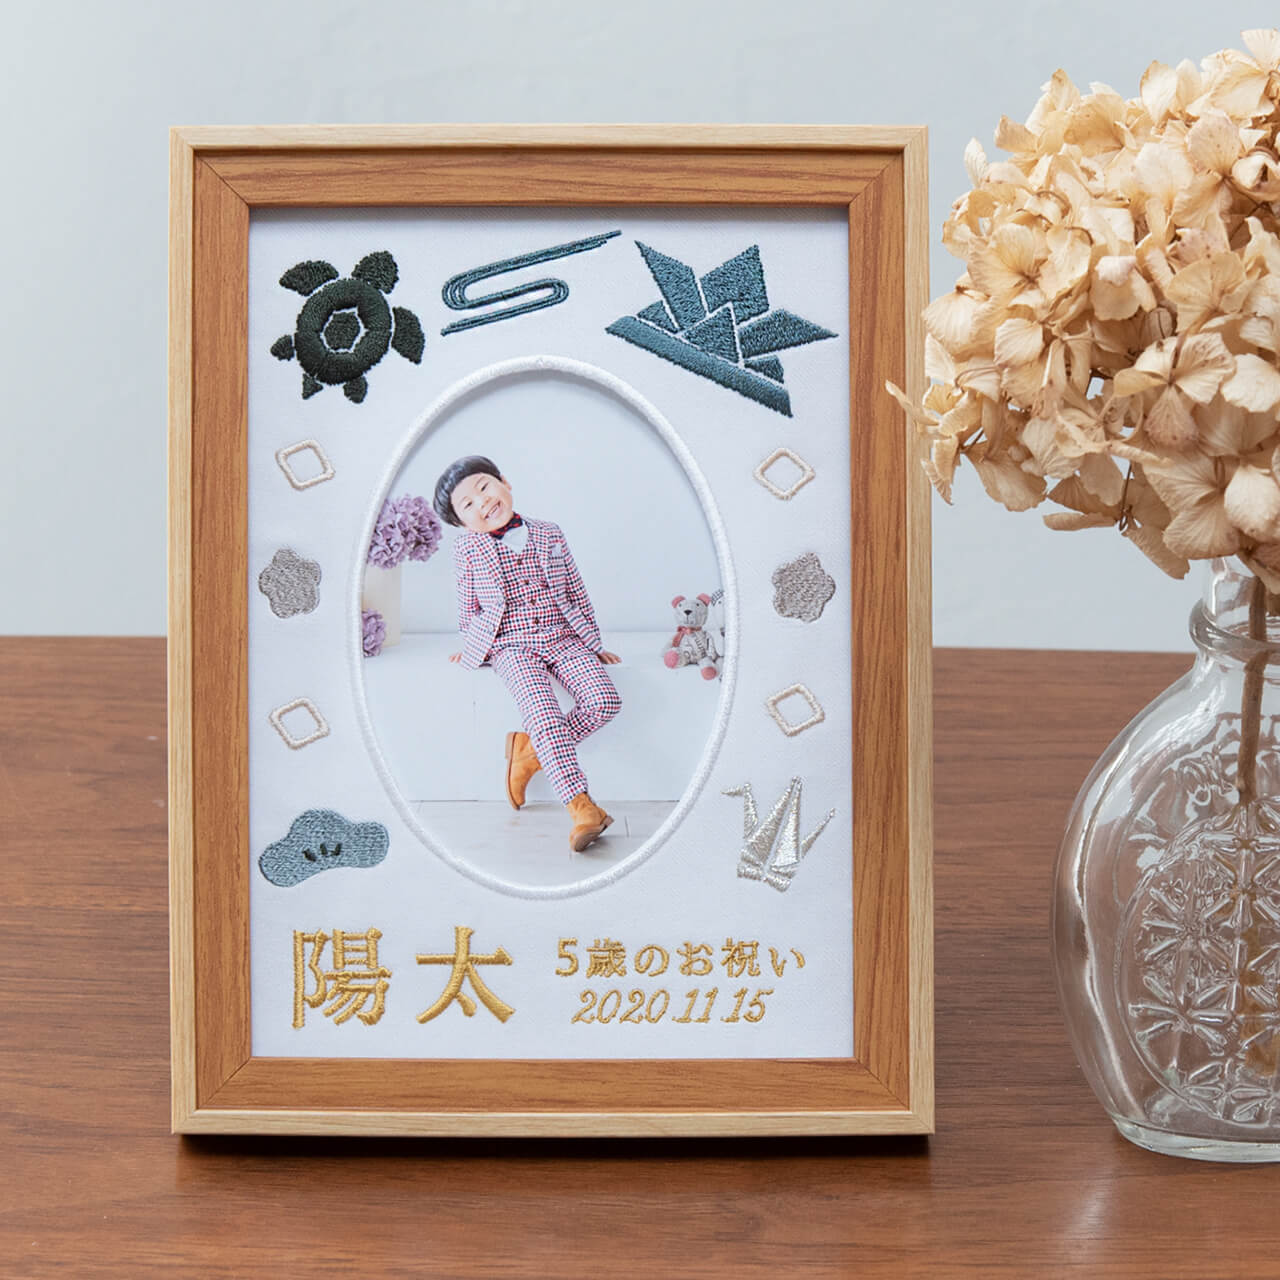 大切なお子様の成長をお祝いする刺繍の画像